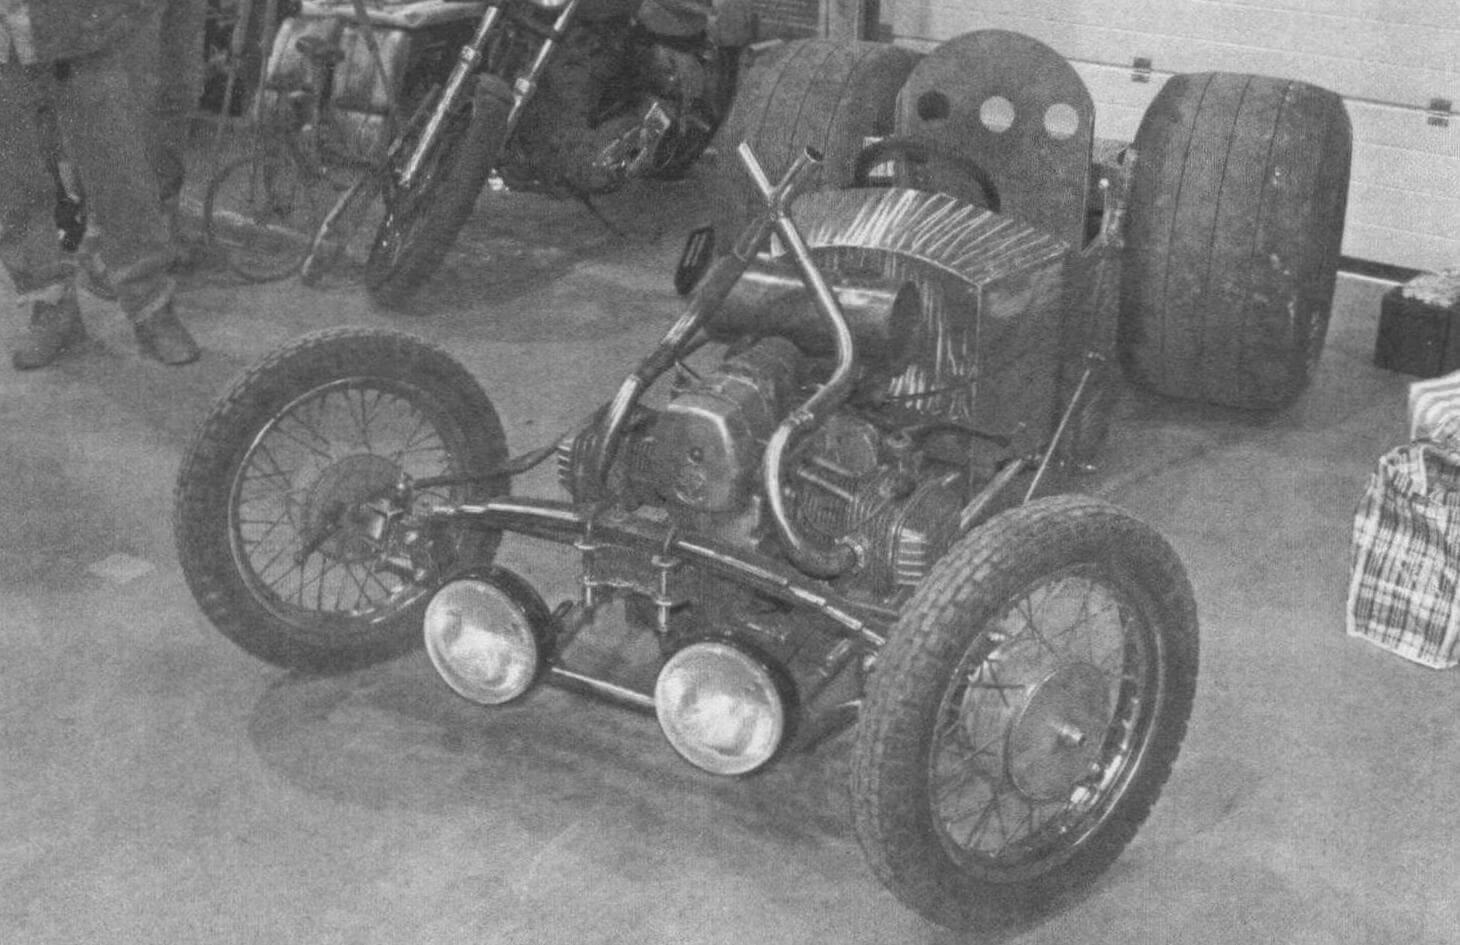 Энтузиасты из мастерской «Пушка Гараж» строят экстравагантный хот-род с мотором от мотоцикла «Днепр»